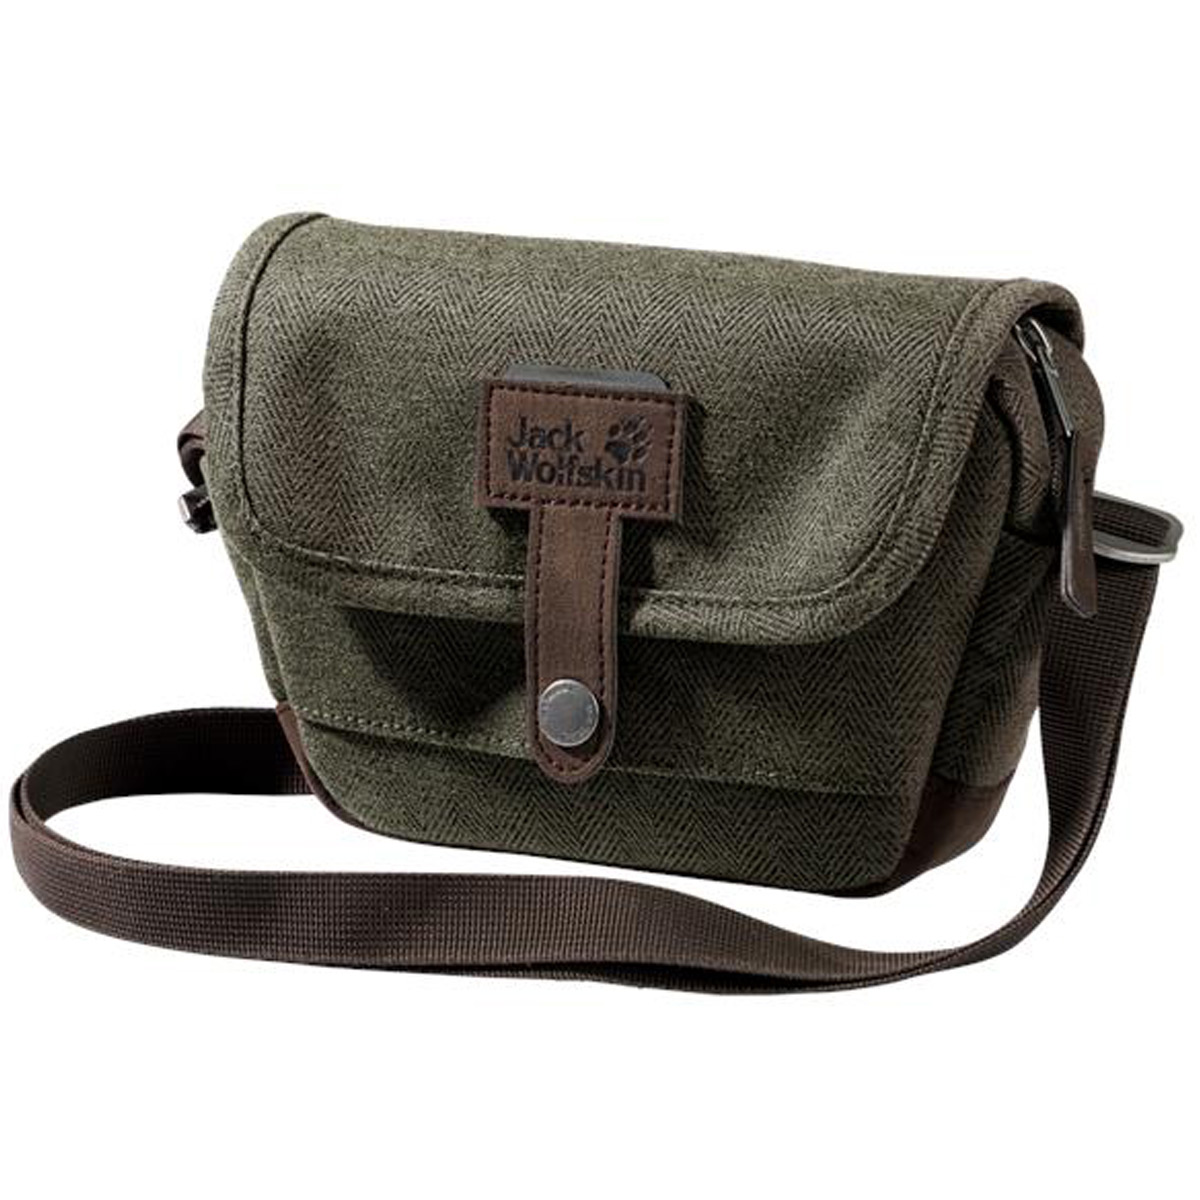 dd3ff86057 Details about Jack Wolfskin Tweedster Vintage Shoulder Cycle Travel Bag